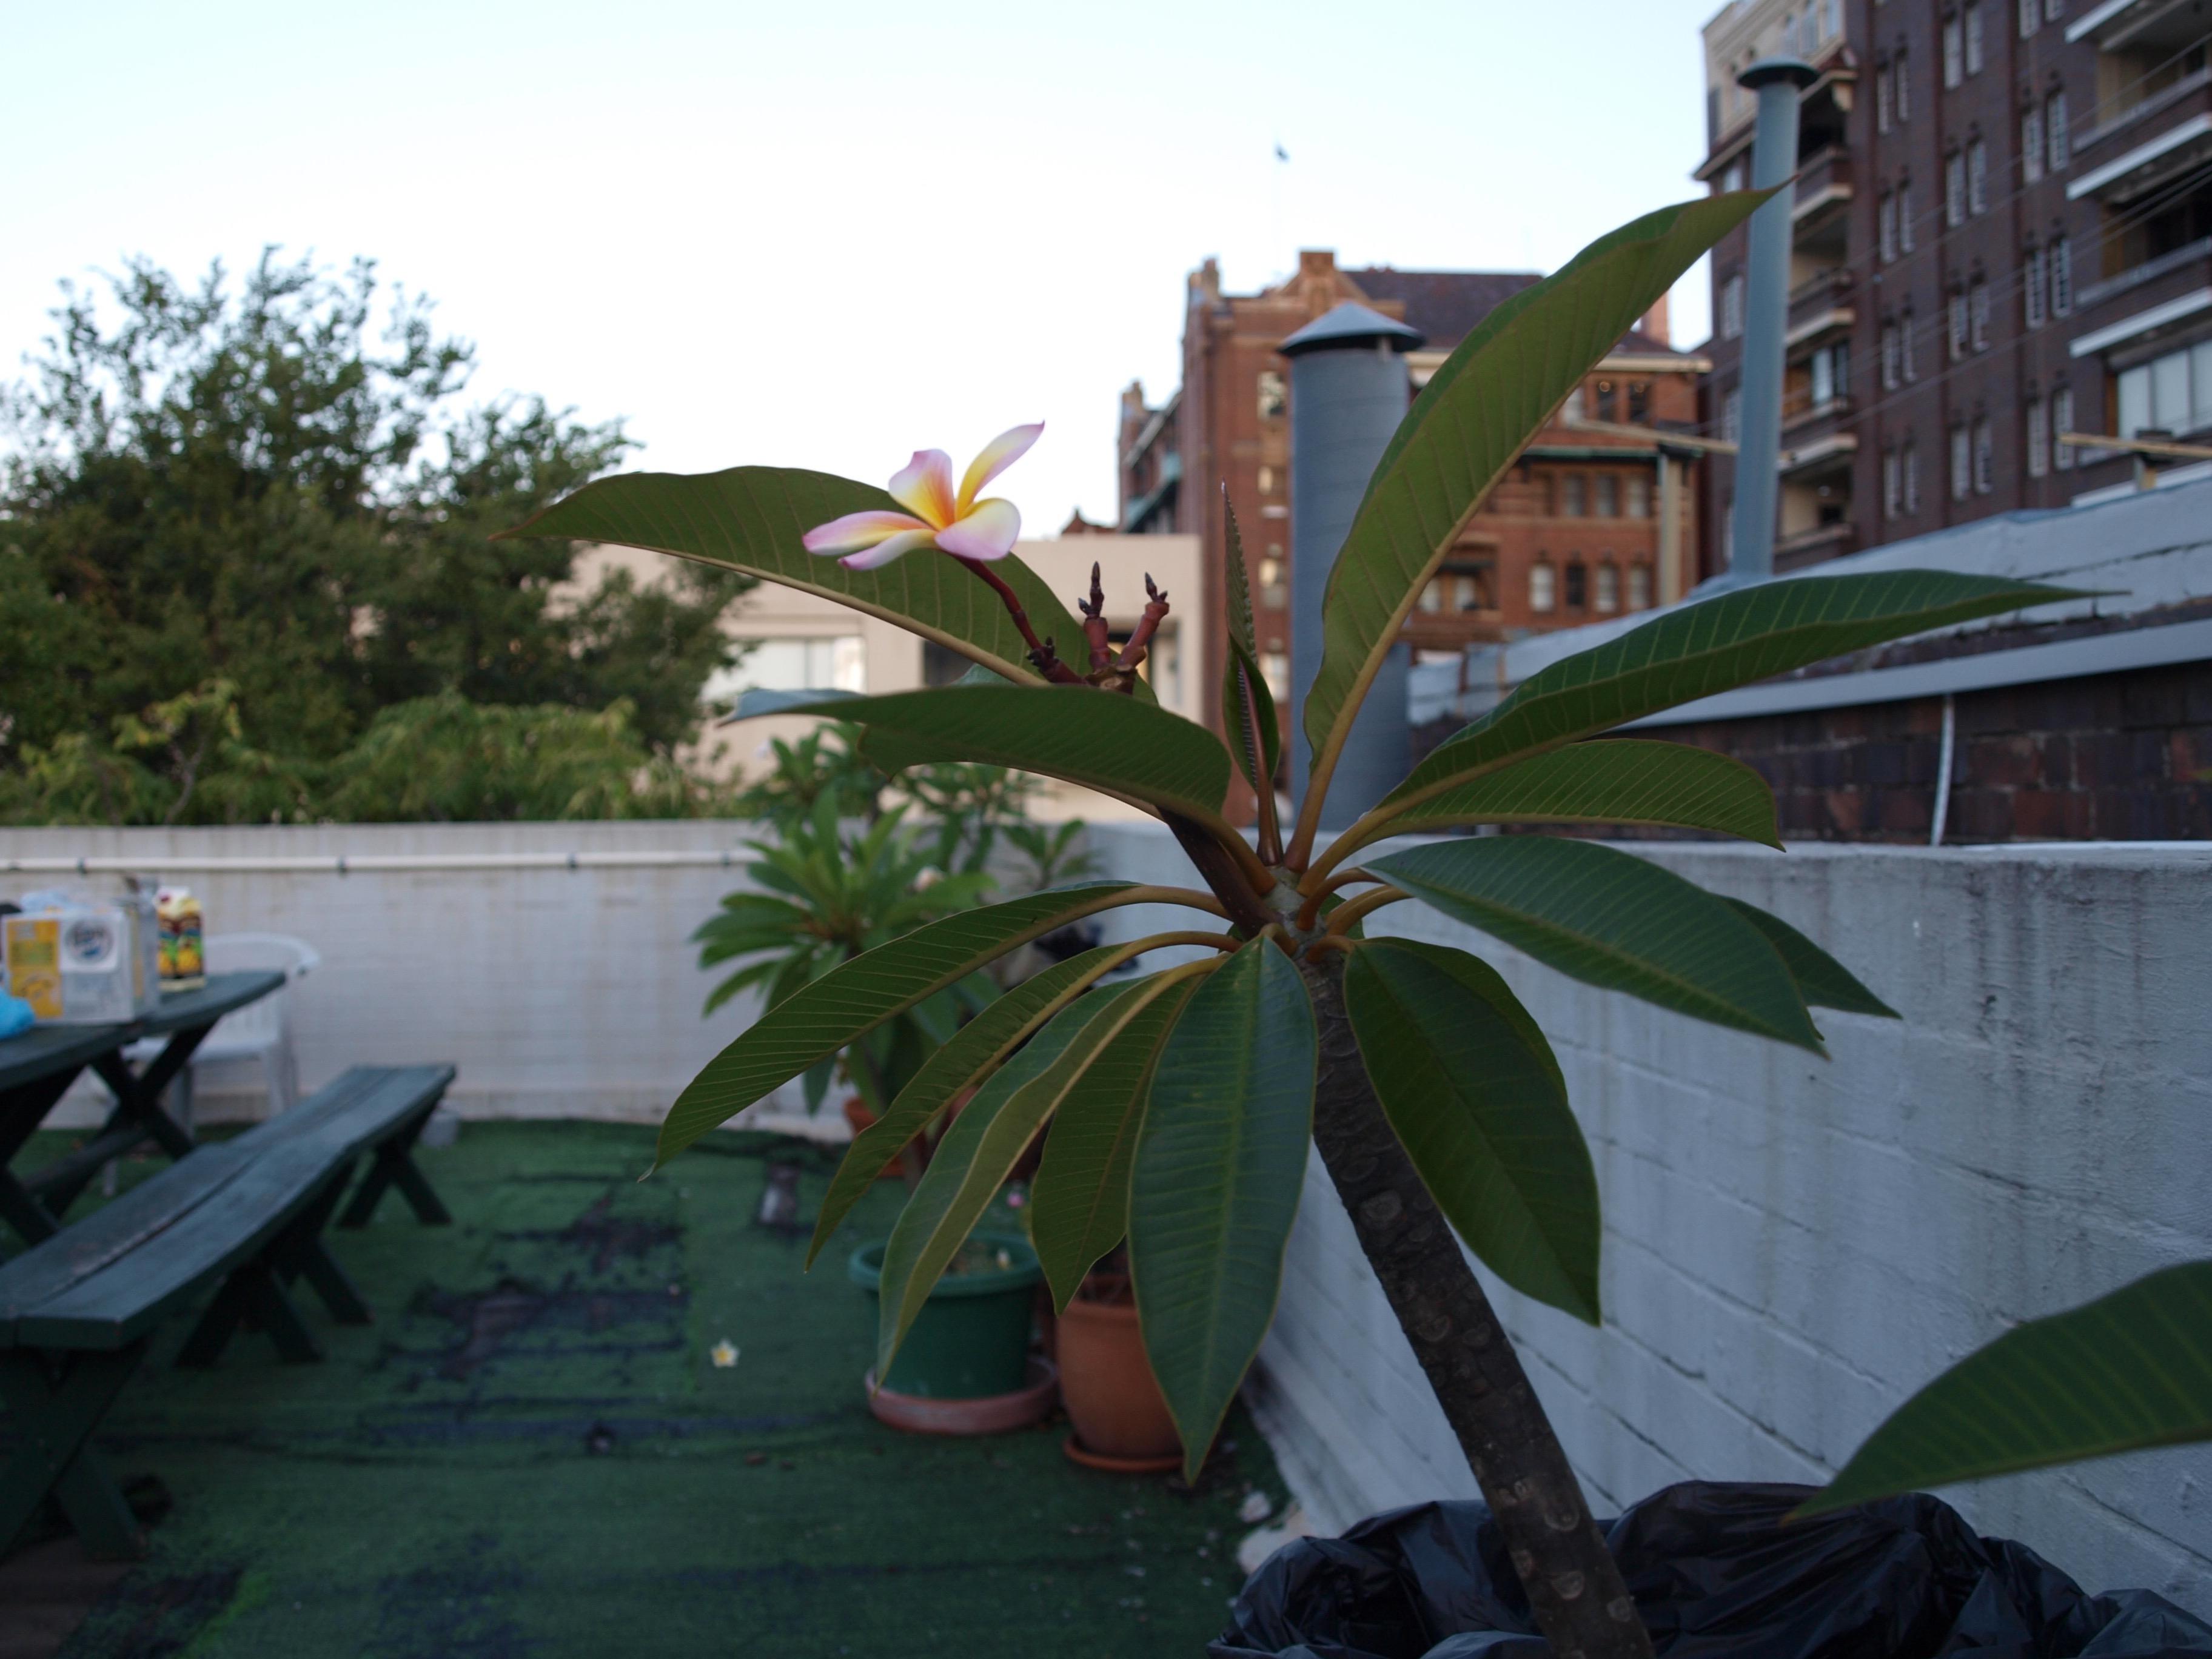 Frangipani-rooftop-Potts-Point-Sydney